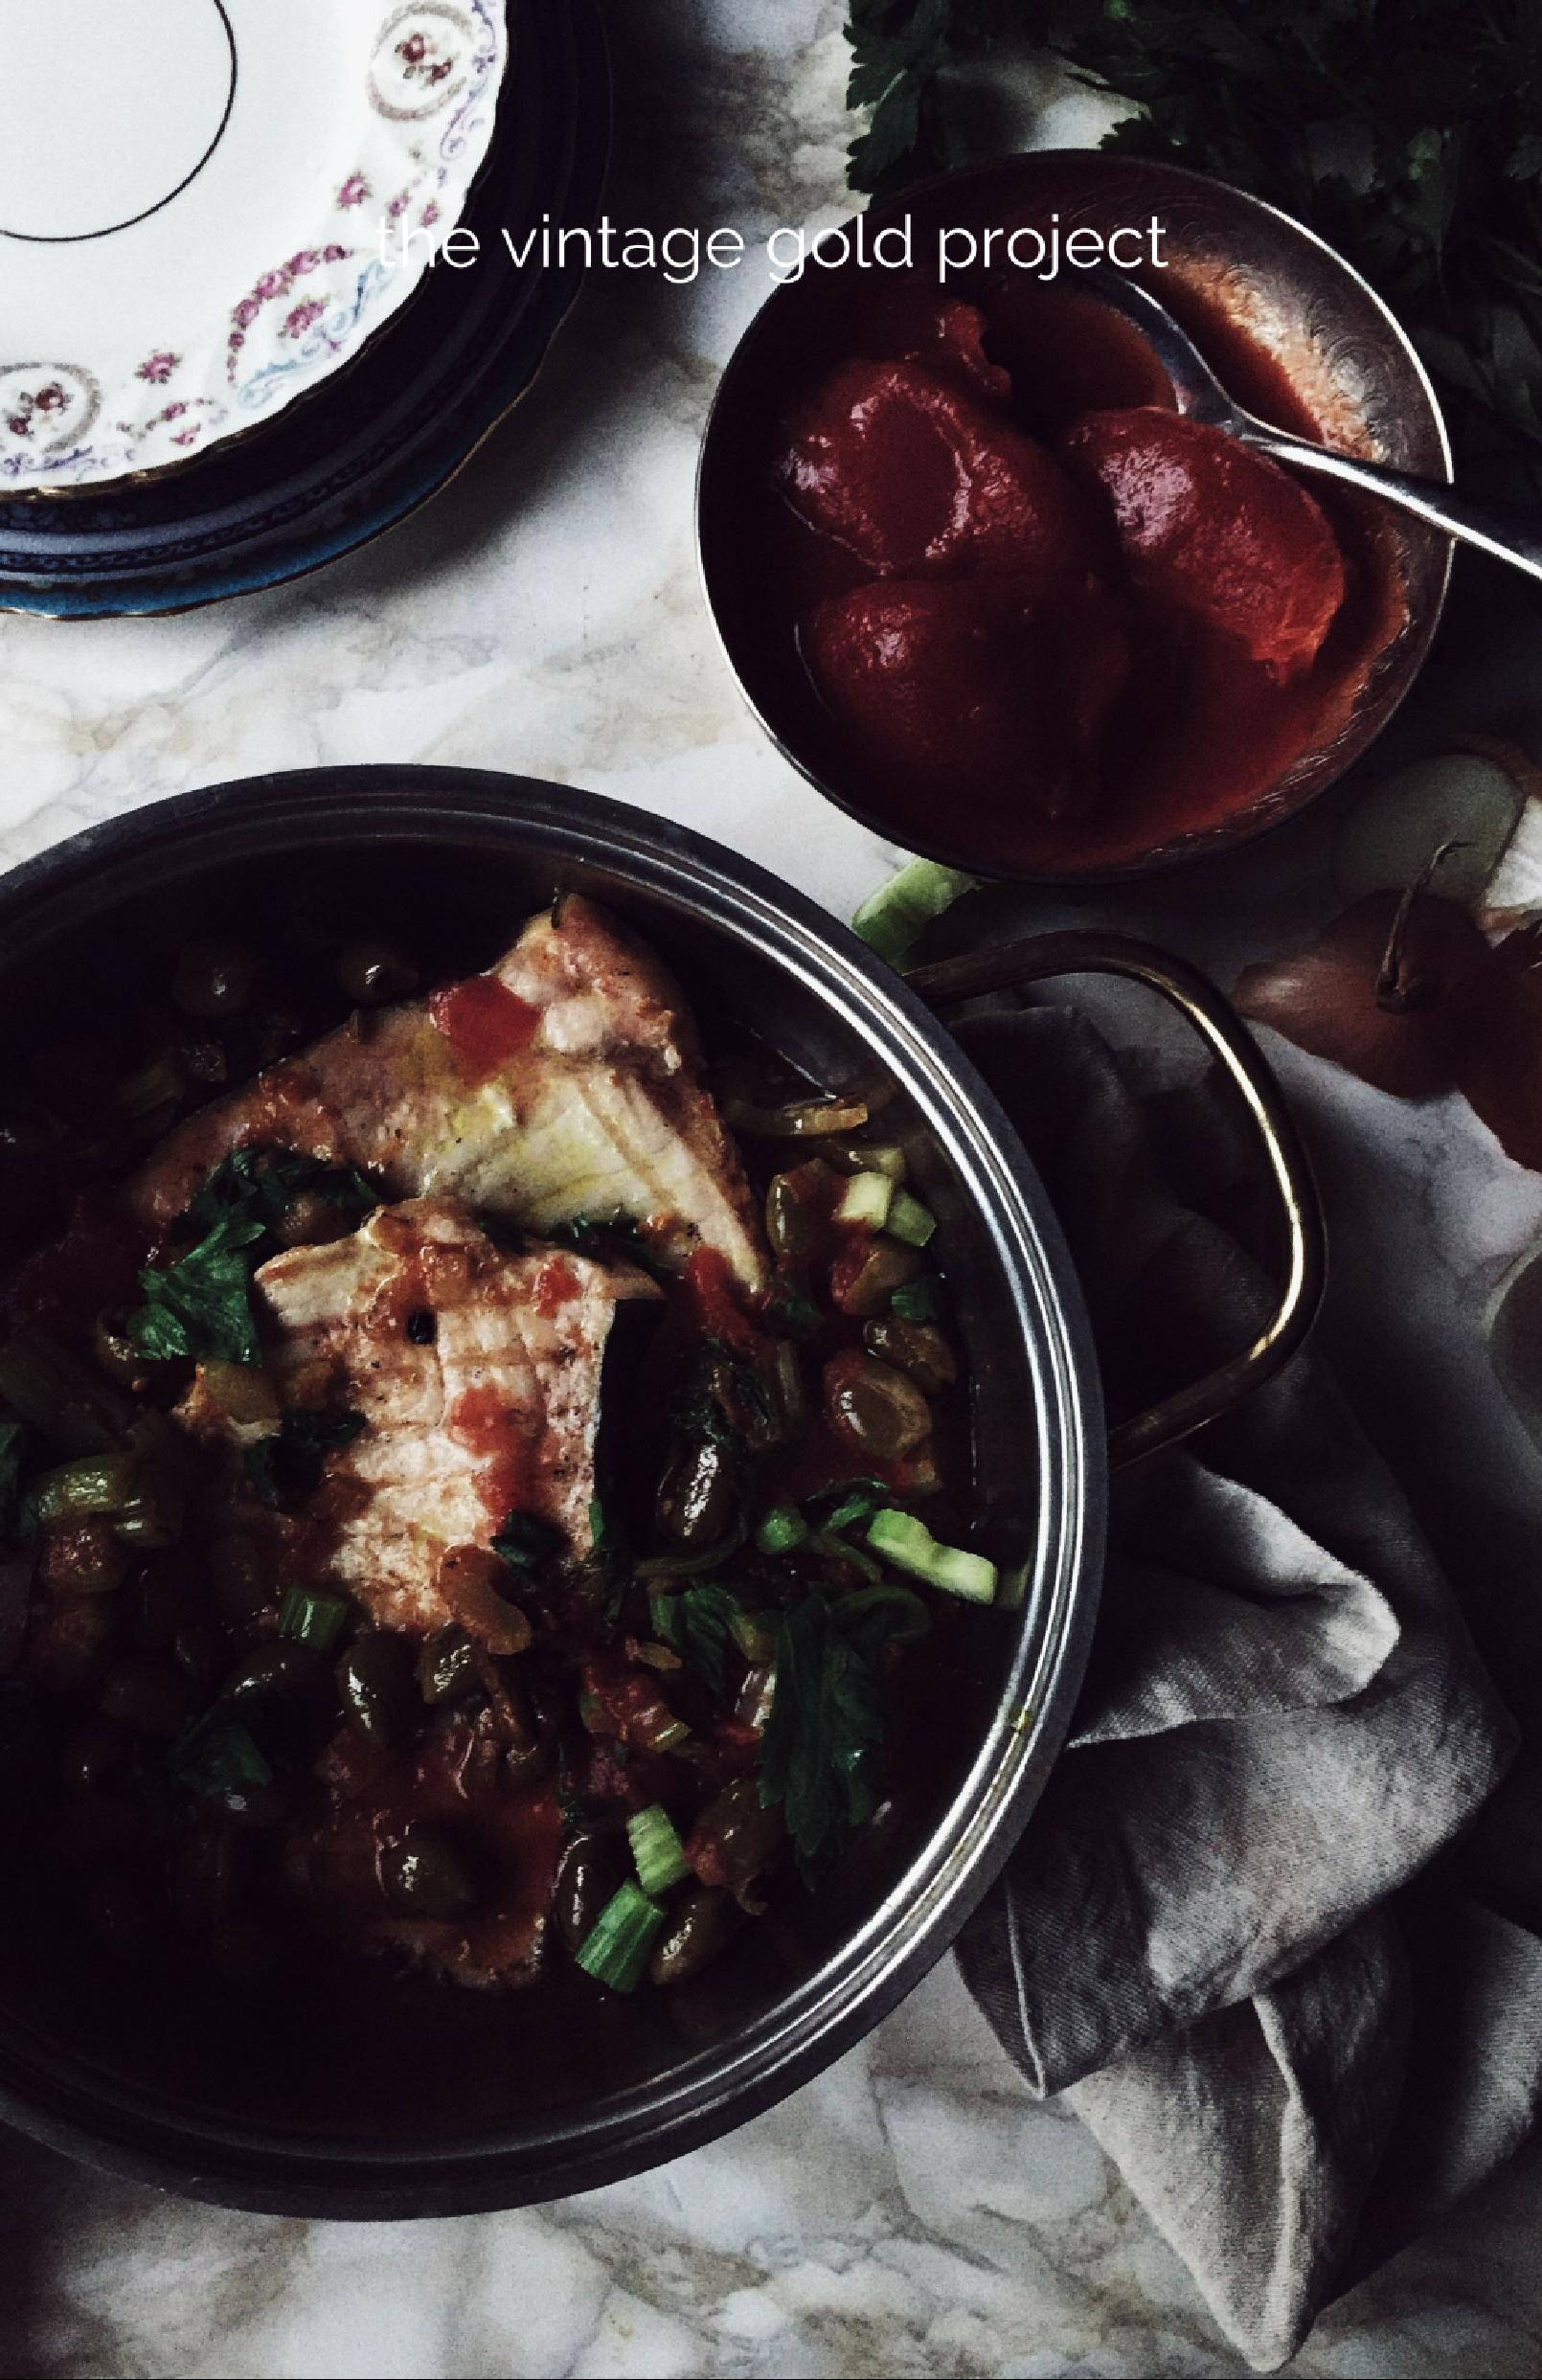 Italian fish recipes: Sicilian swordfish